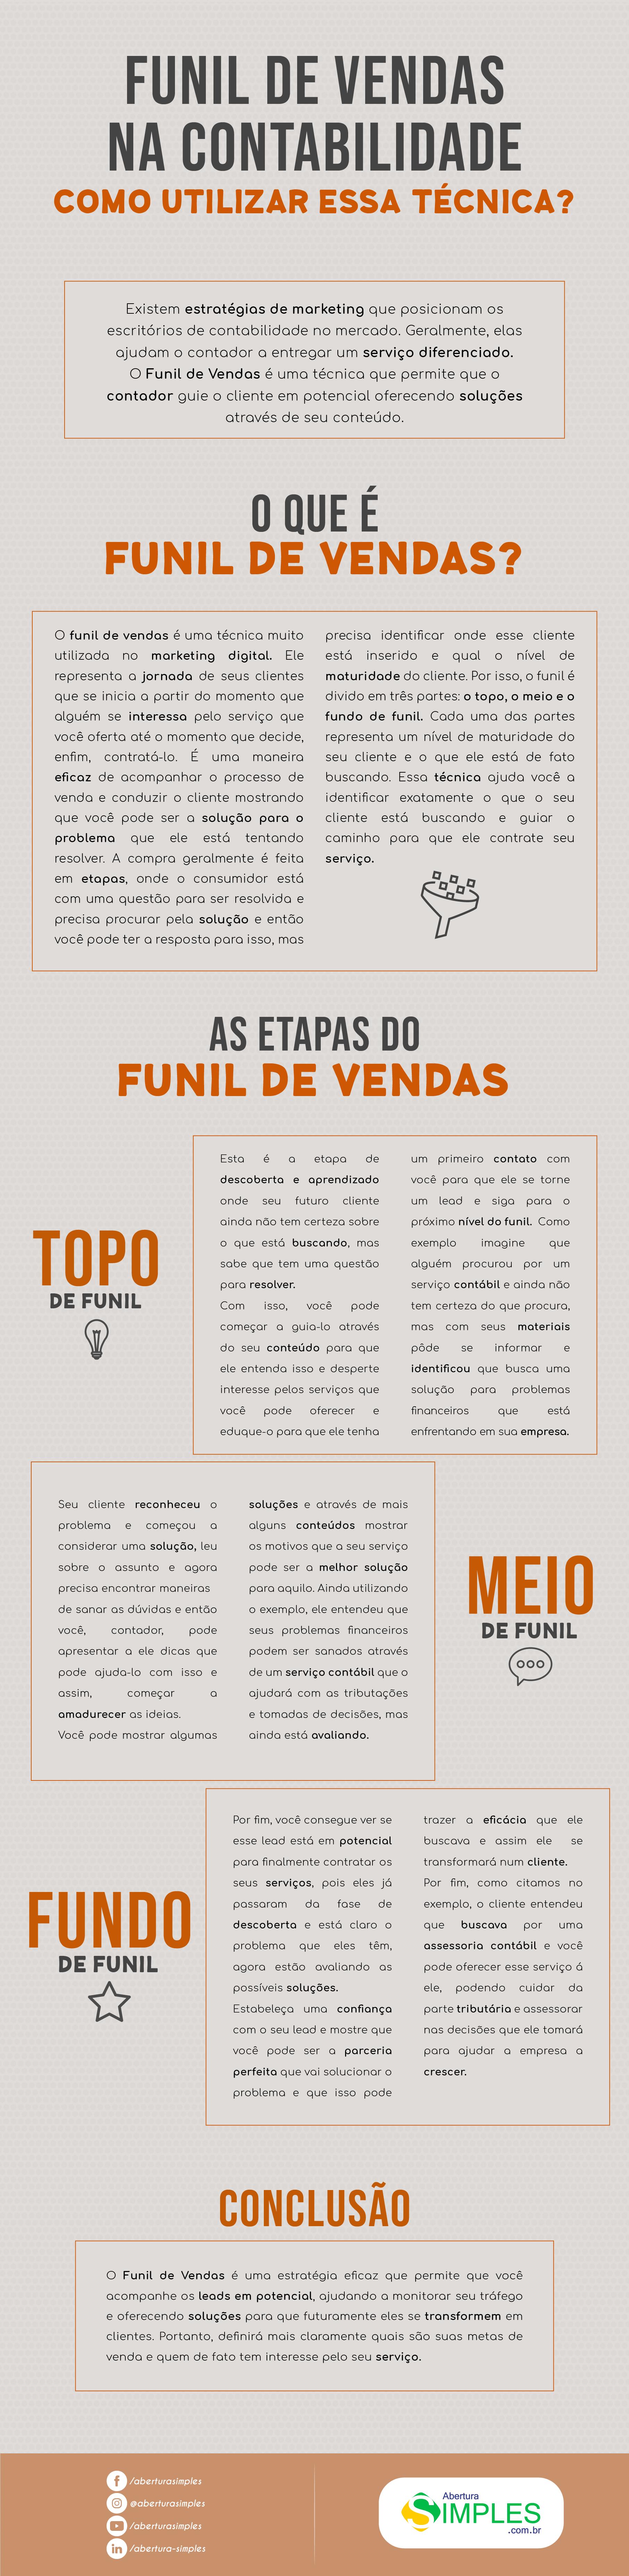 Infográfico mostrando sobre a importância do Funil de Vendas contábil